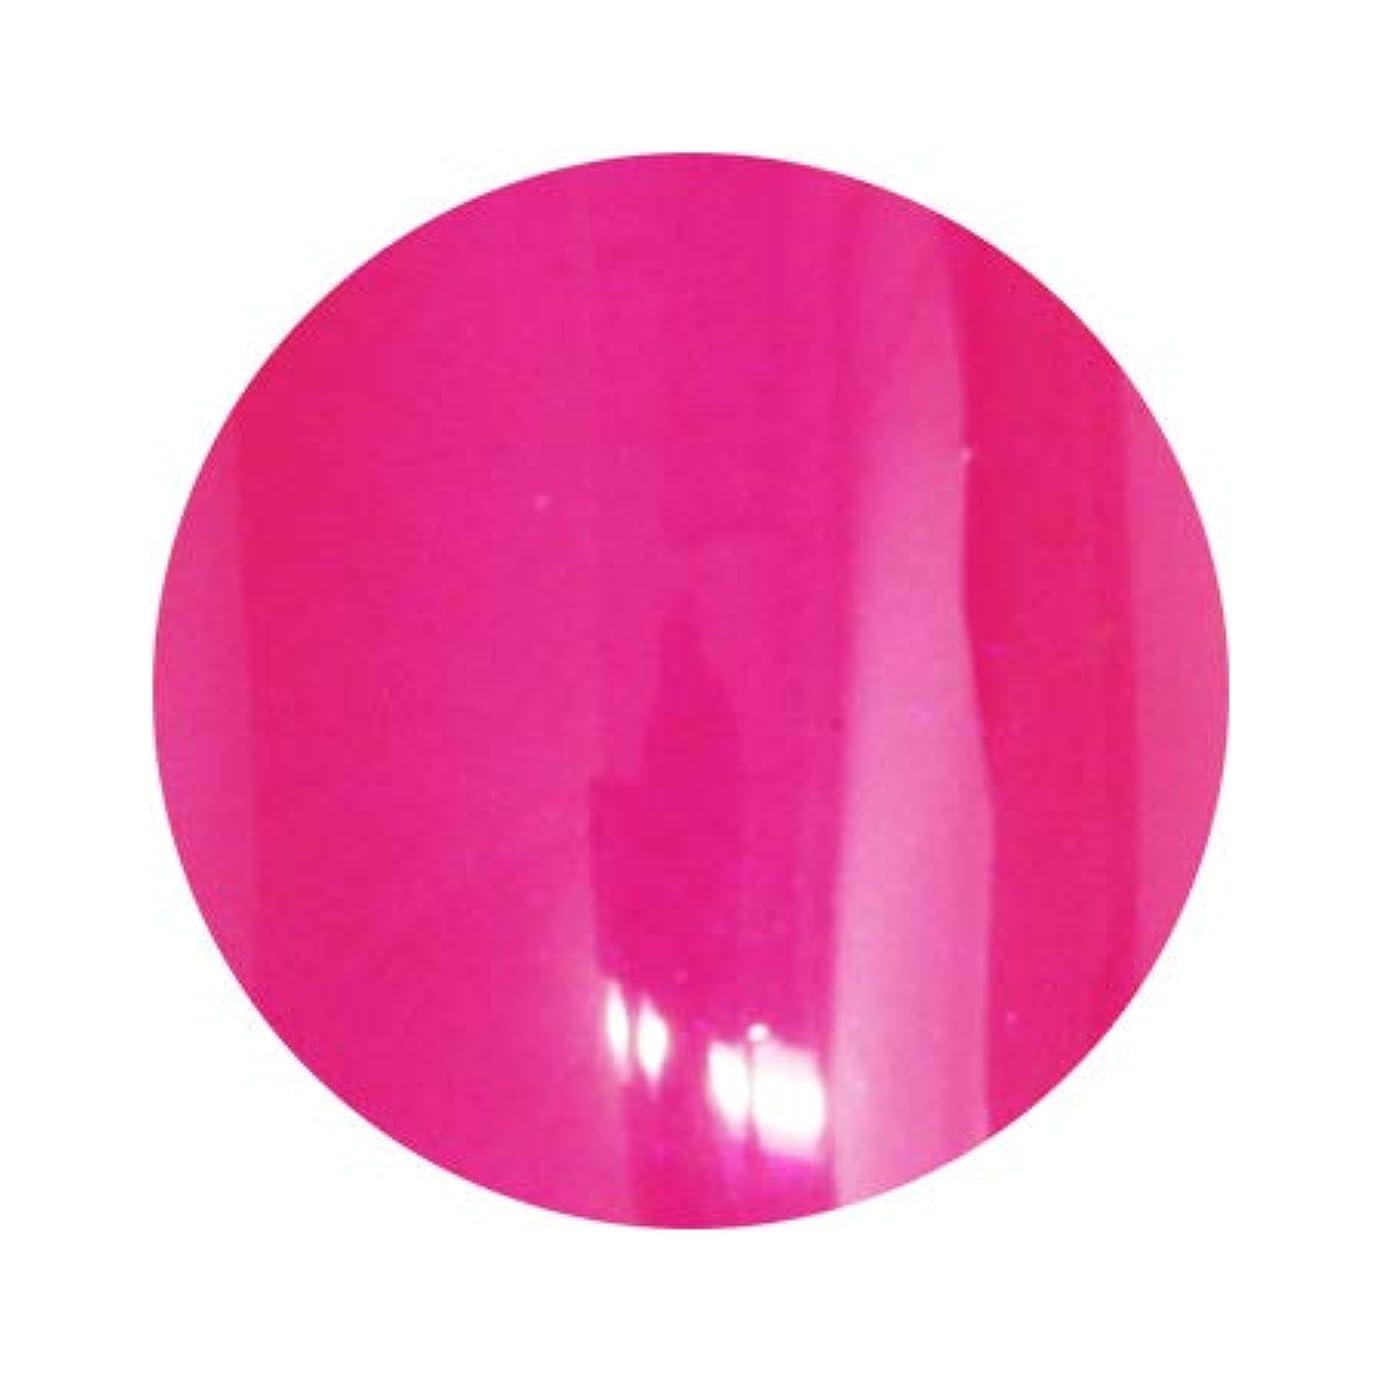 薄汚いソーセージ没頭するLUCU GEL ルクジェル カラー RES01 ルビー 3.5g